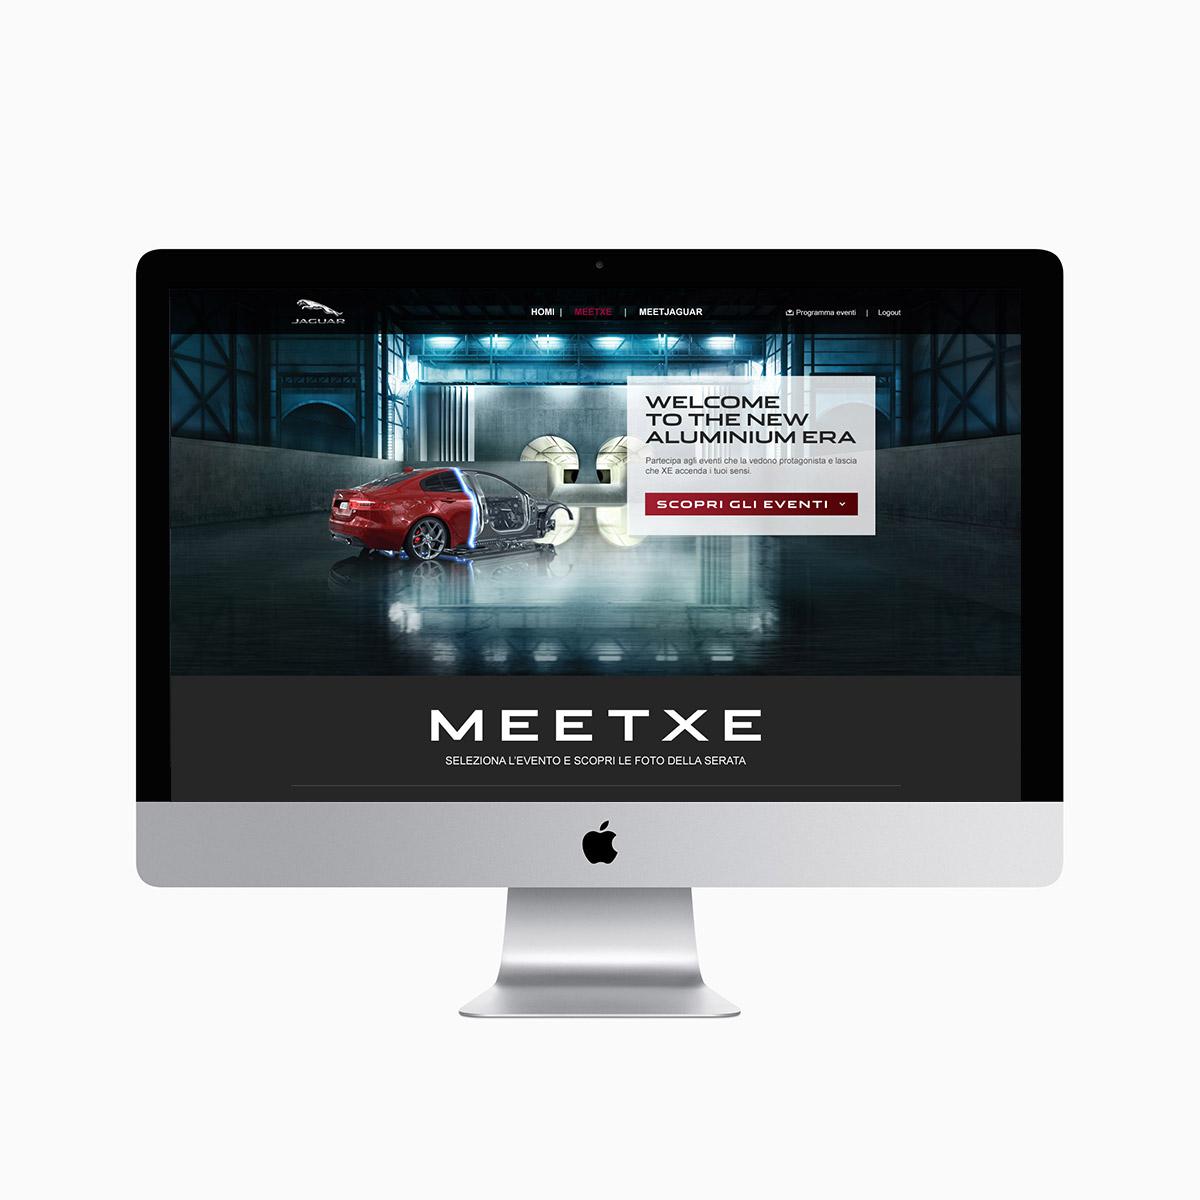 Monitor iMac con pagina Meet XE dedicata agli eventi per la Jaguar XE